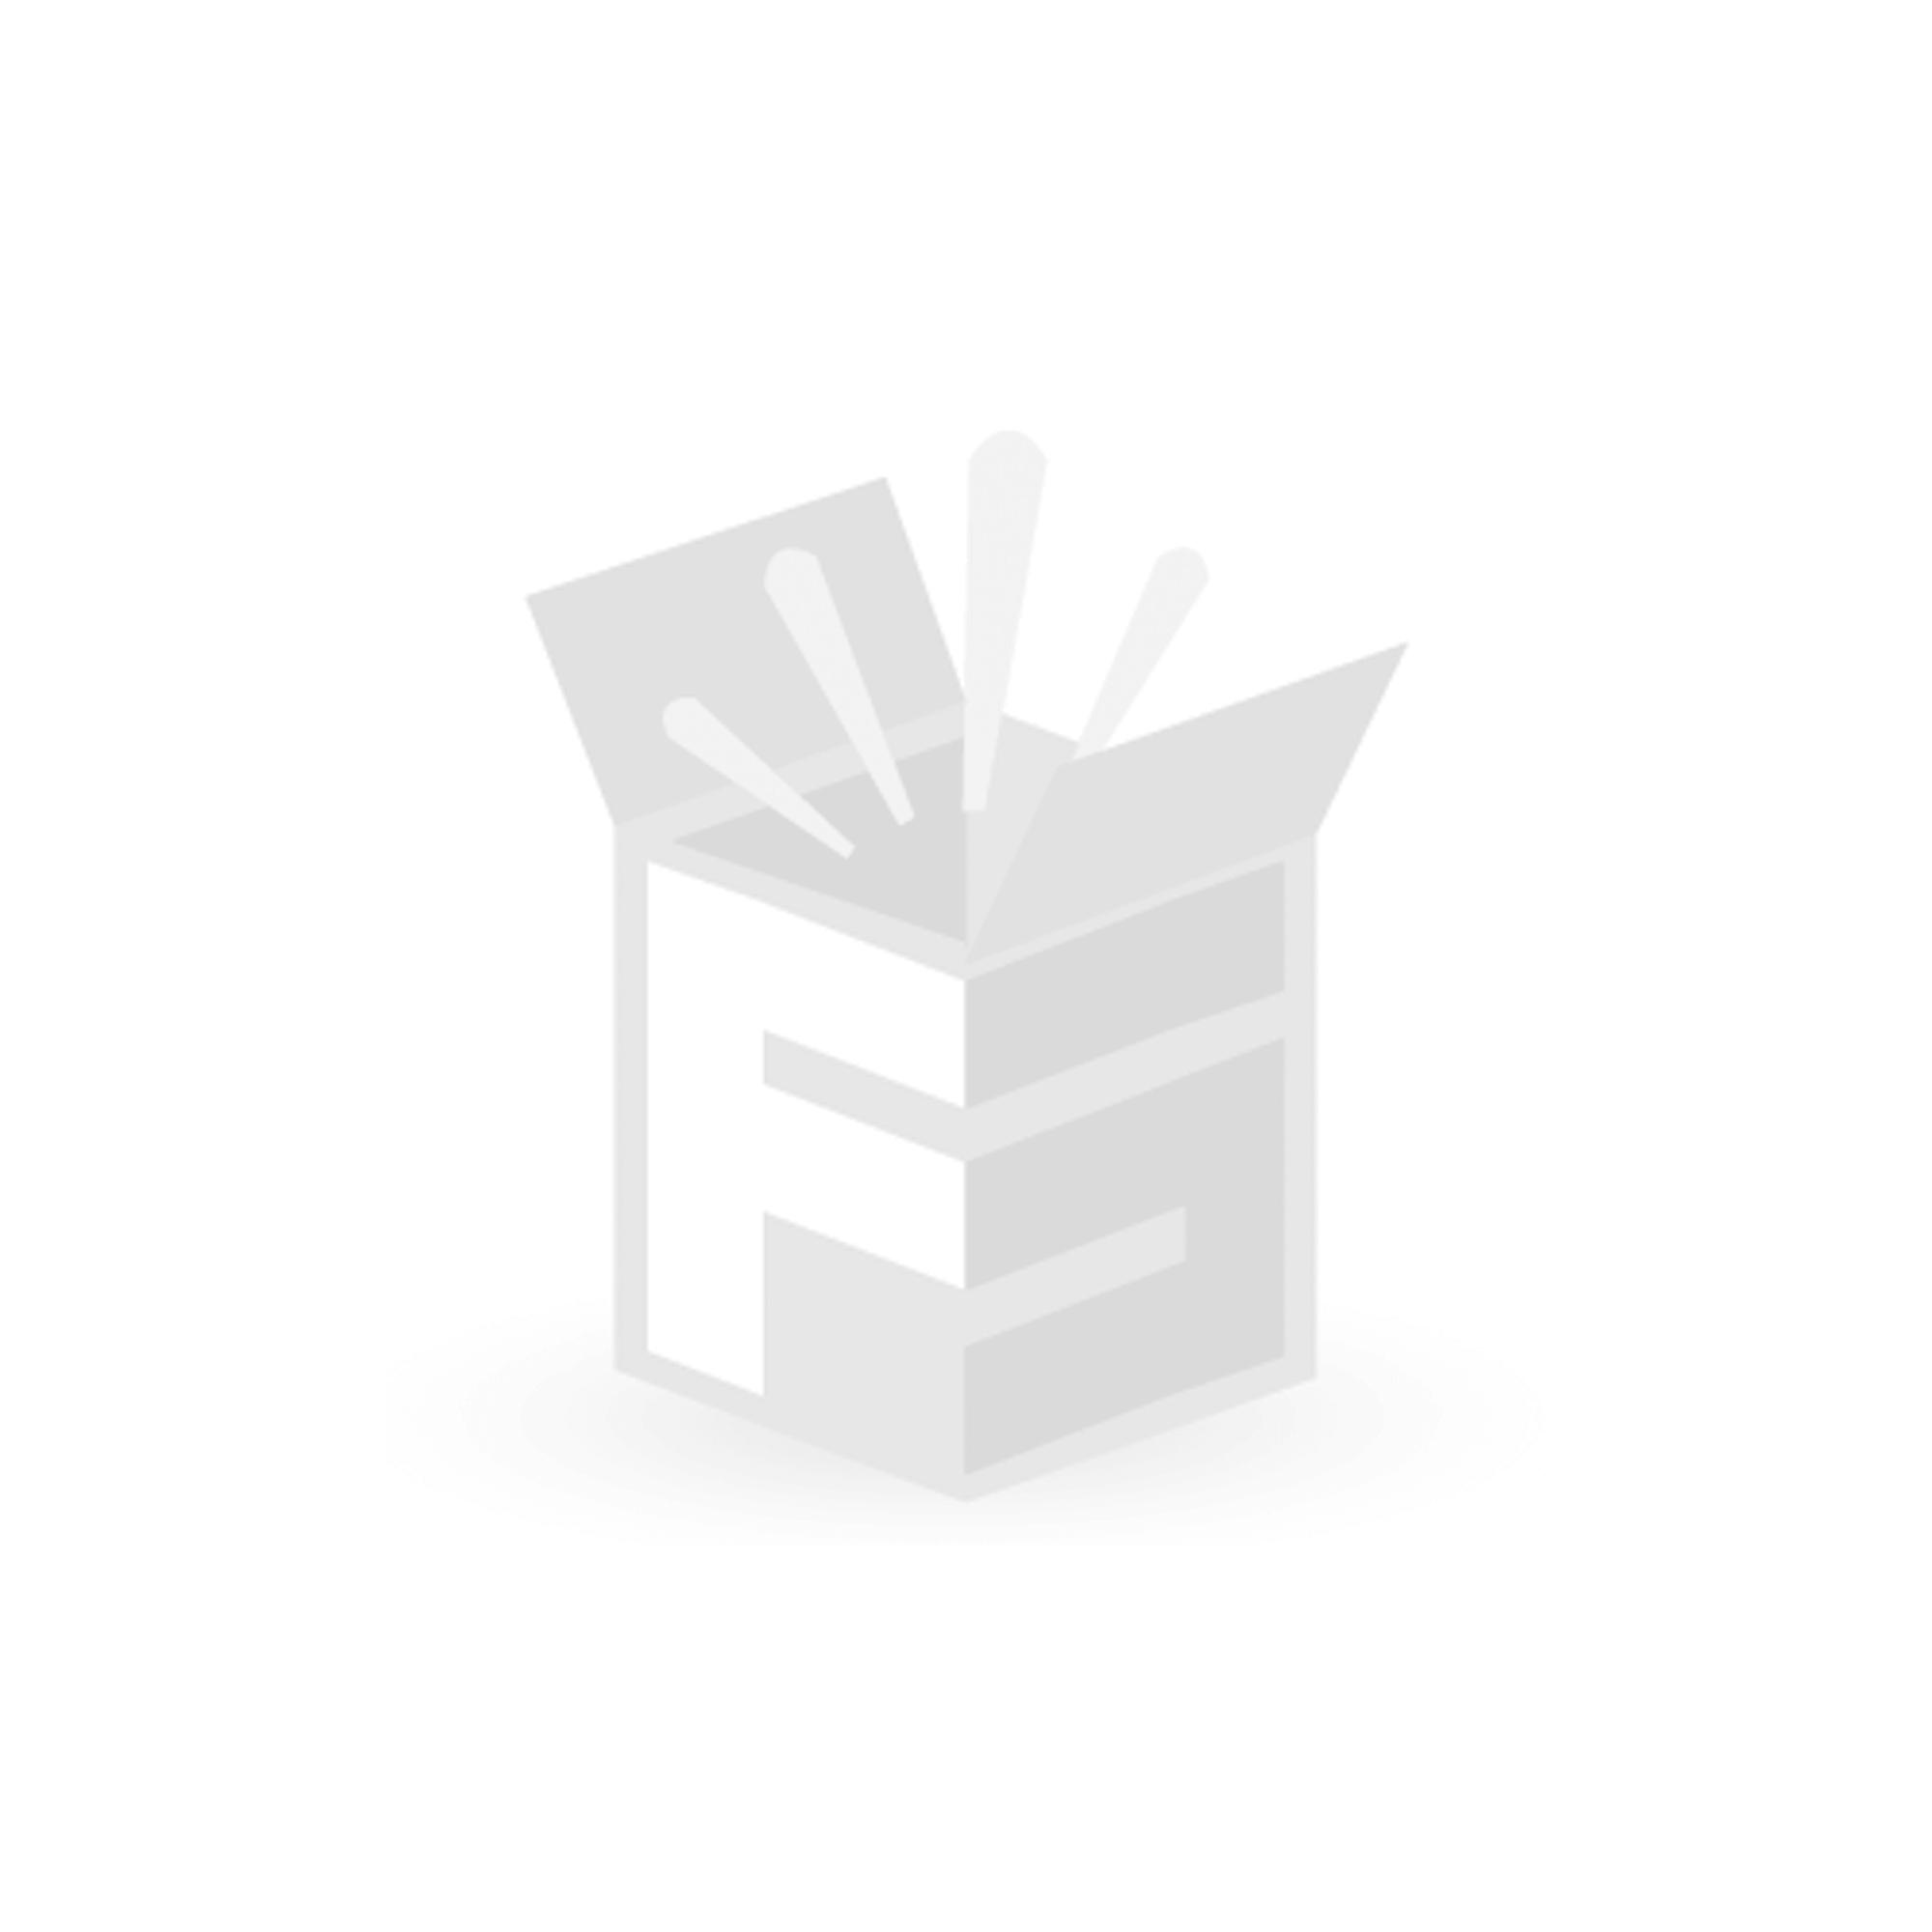 Contini höhenverstellbarer Bürotisch 1.6x0.8m grau / Gestell weiss